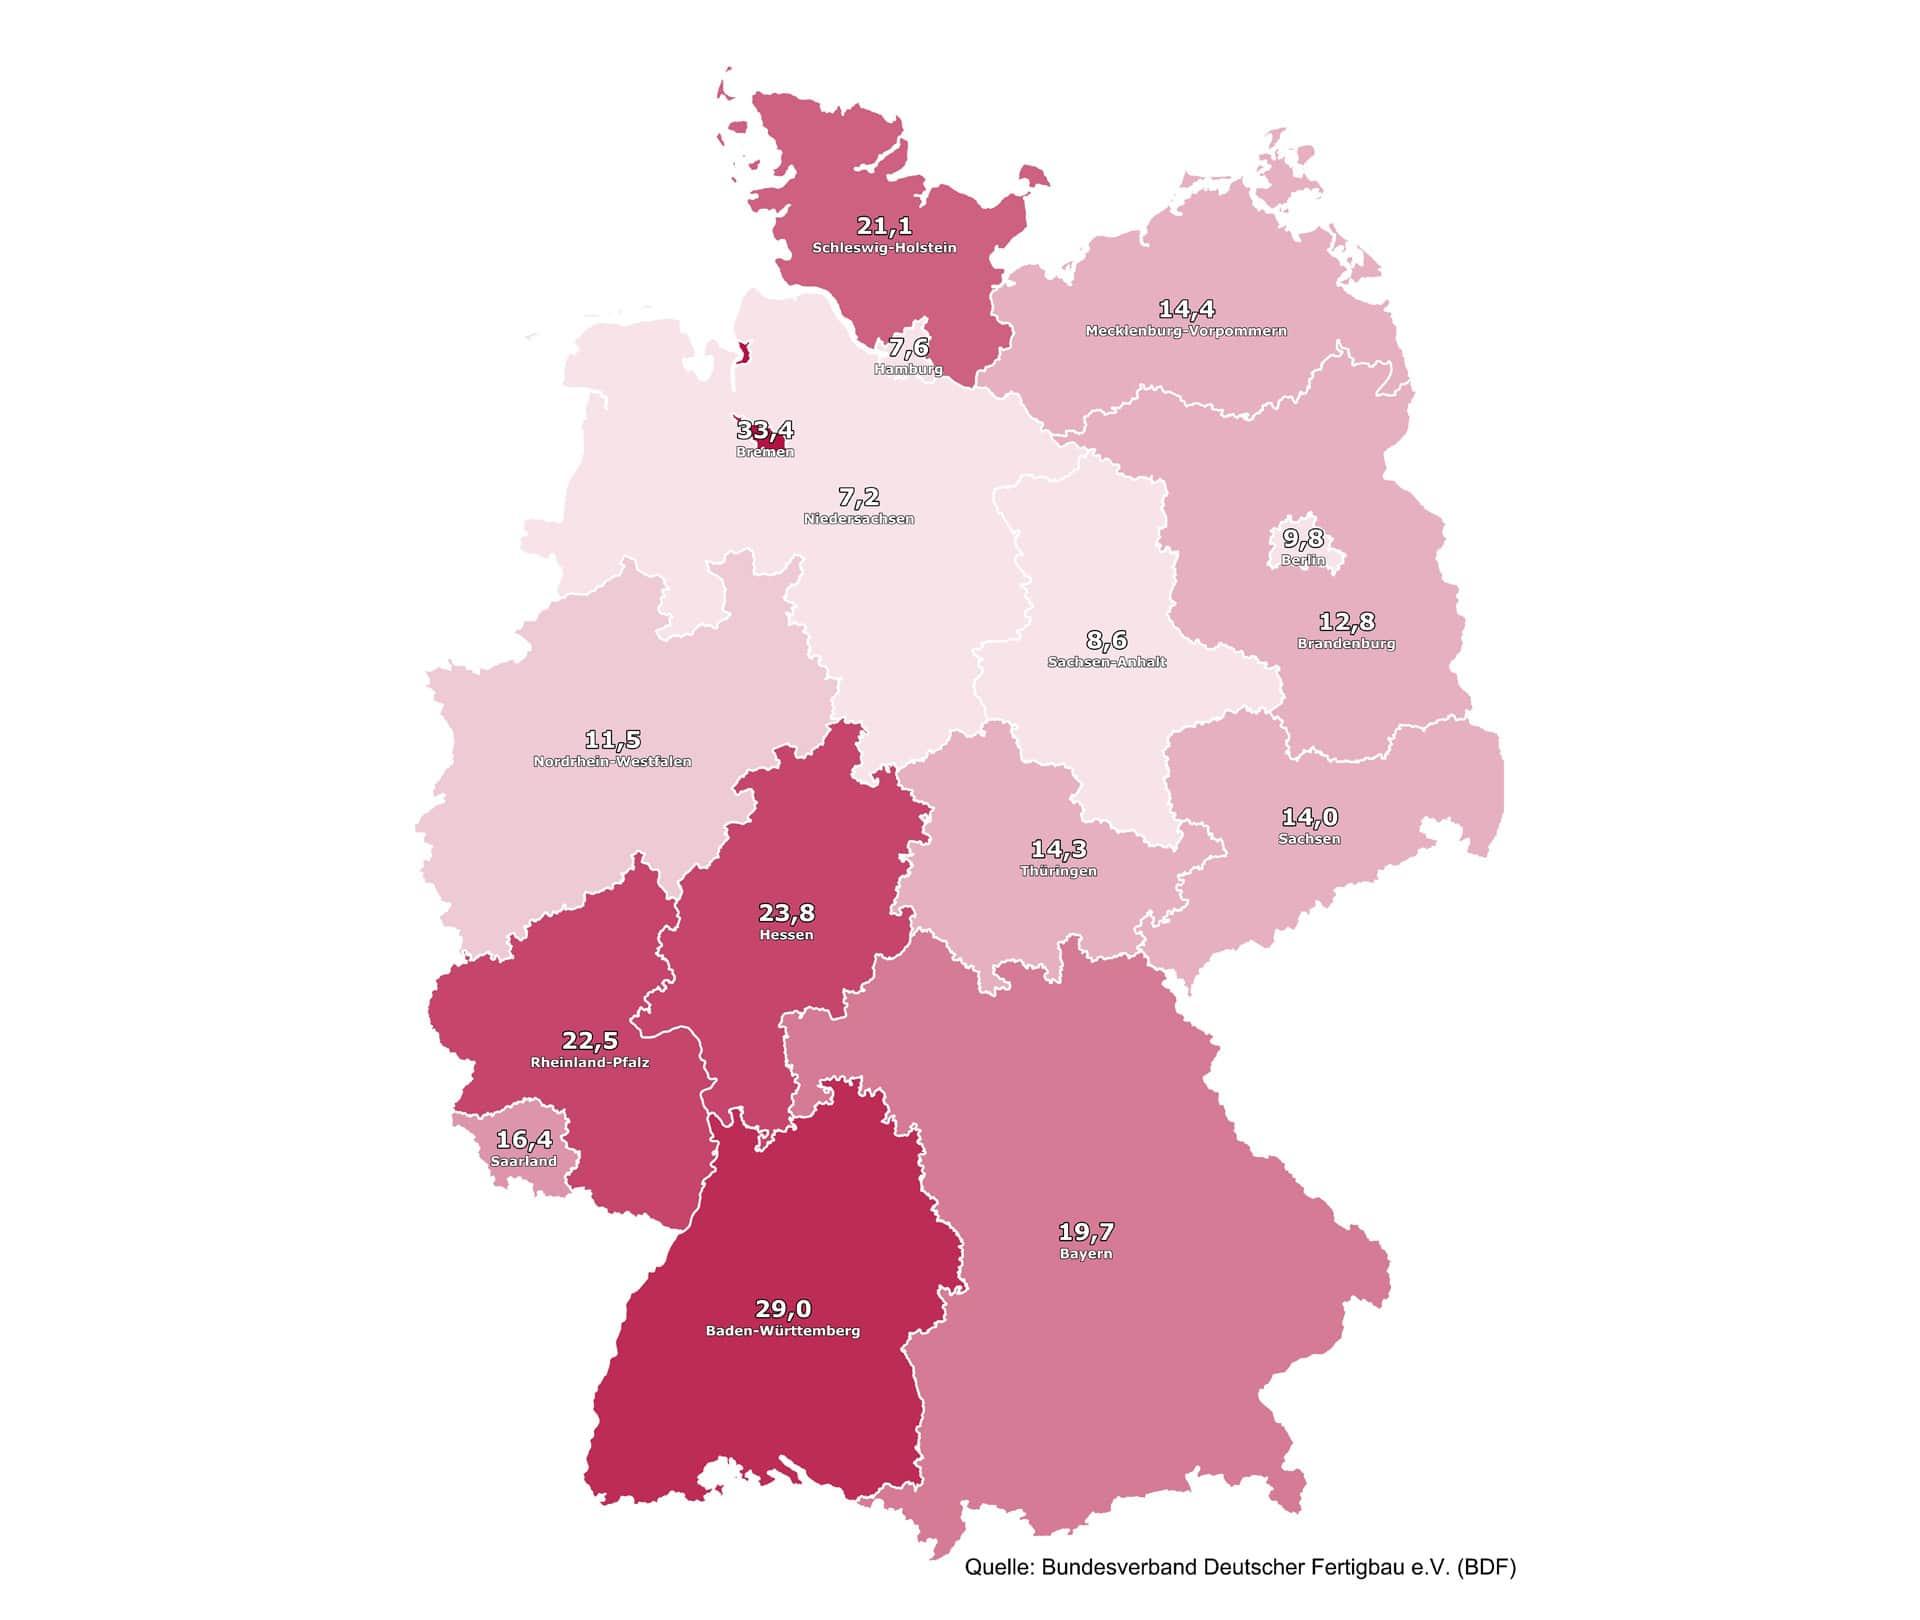 Deutschlandkarte mit prozentualem Fertighaus-Anteil